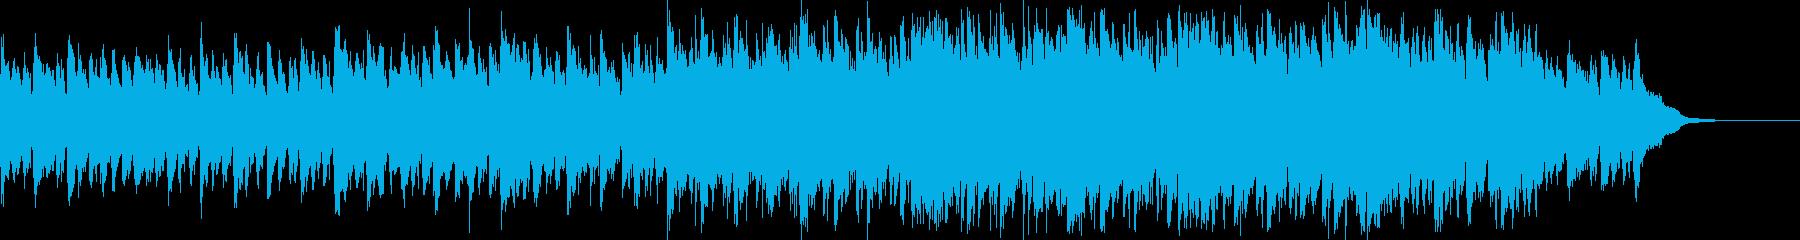 優雅で上品な日常BGMの再生済みの波形